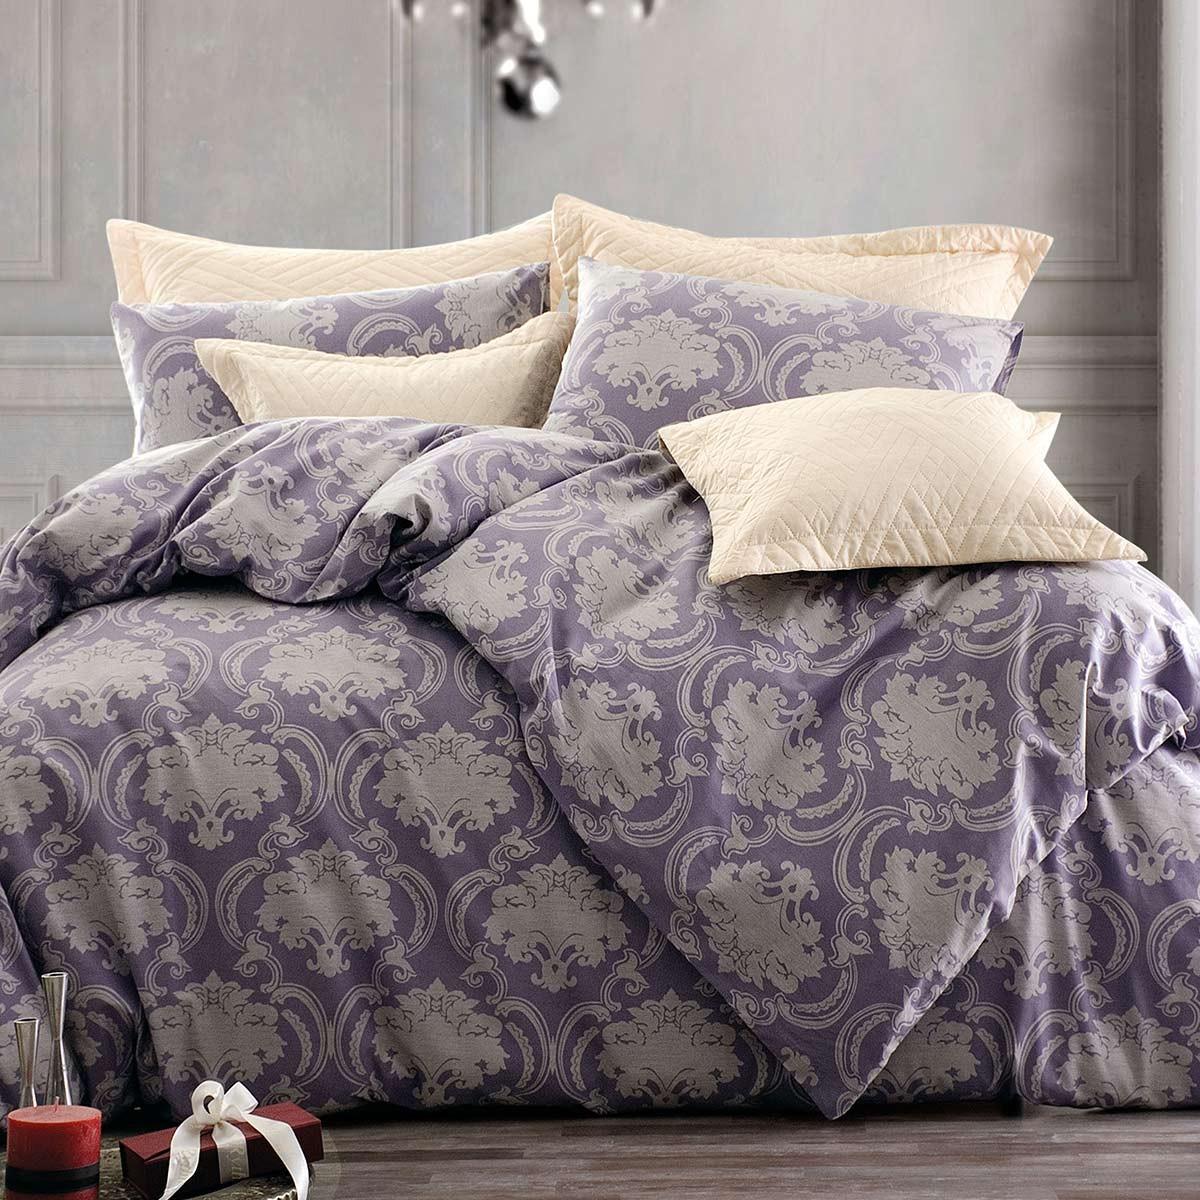 Σεντόνια Υπέρδιπλα (Σετ) Rythmos Symbol Abolina Purple ΧΩΡΙΣ ΛΑΣΤΙΧΟ ΧΩΡΙΣ ΛΑΣΤΙΧΟ